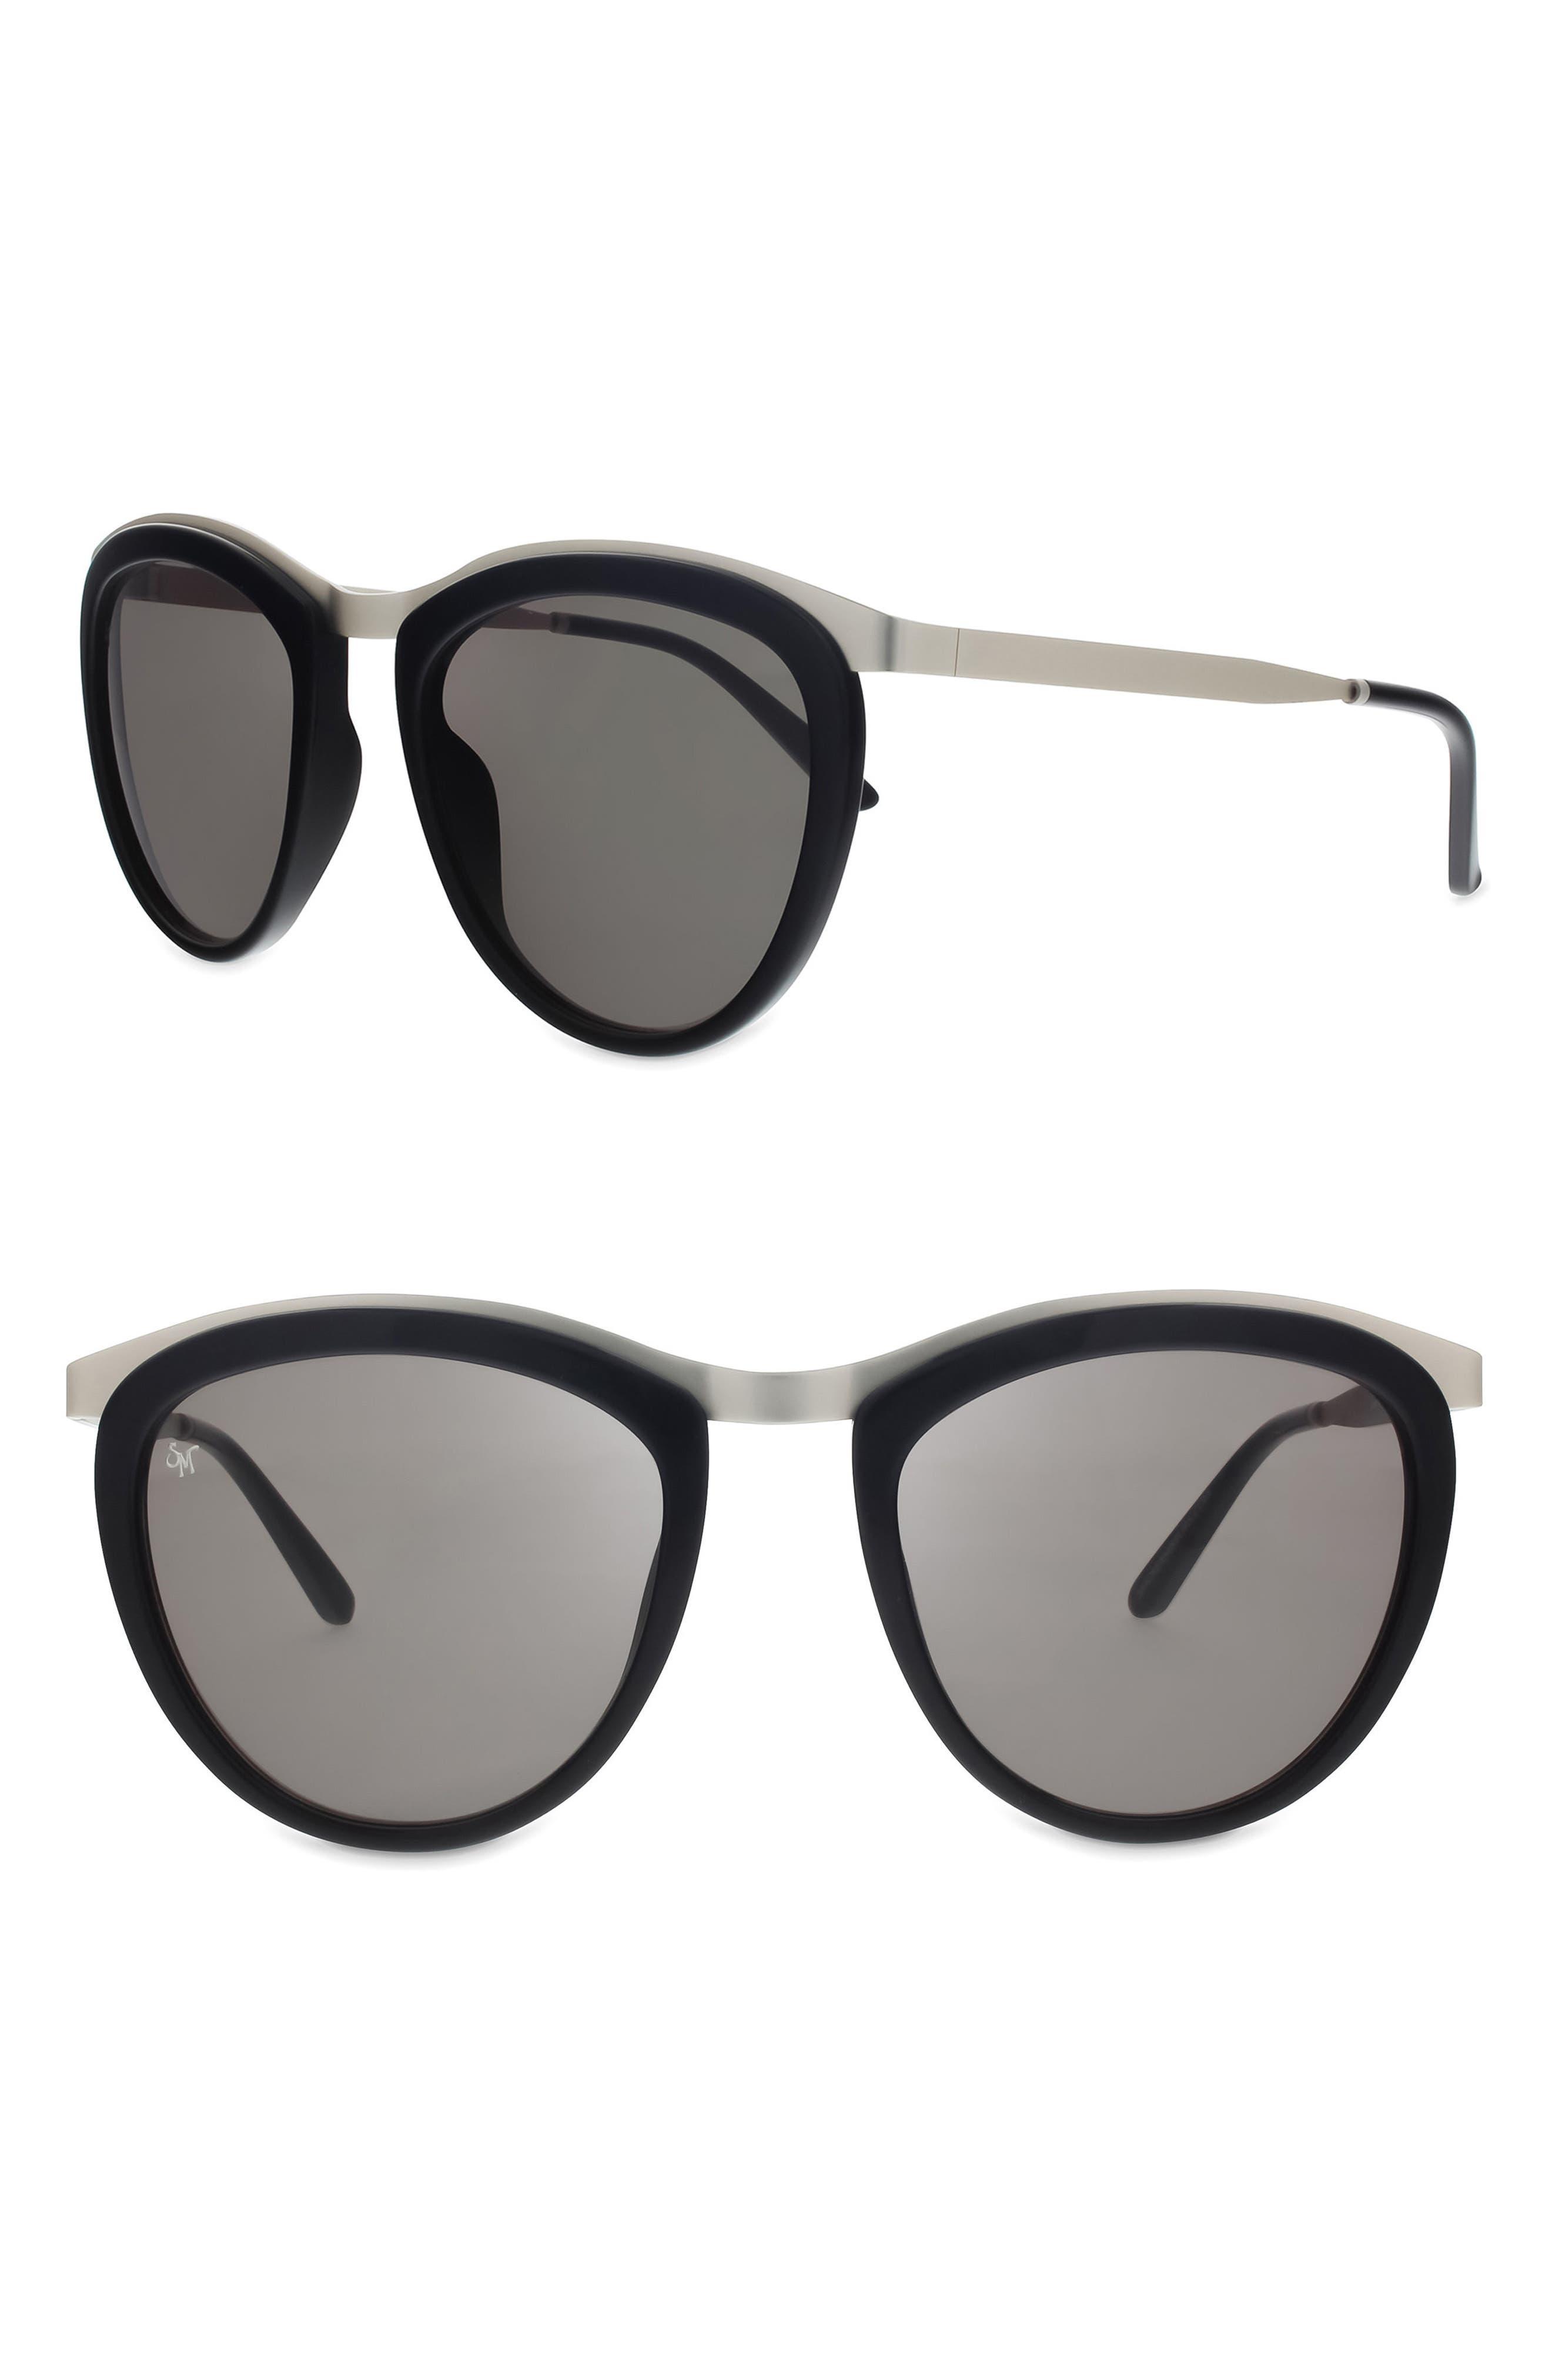 Comic Strip 51mm Round Sunglasses,                         Main,                         color, BLACK/ MATTE SILVER